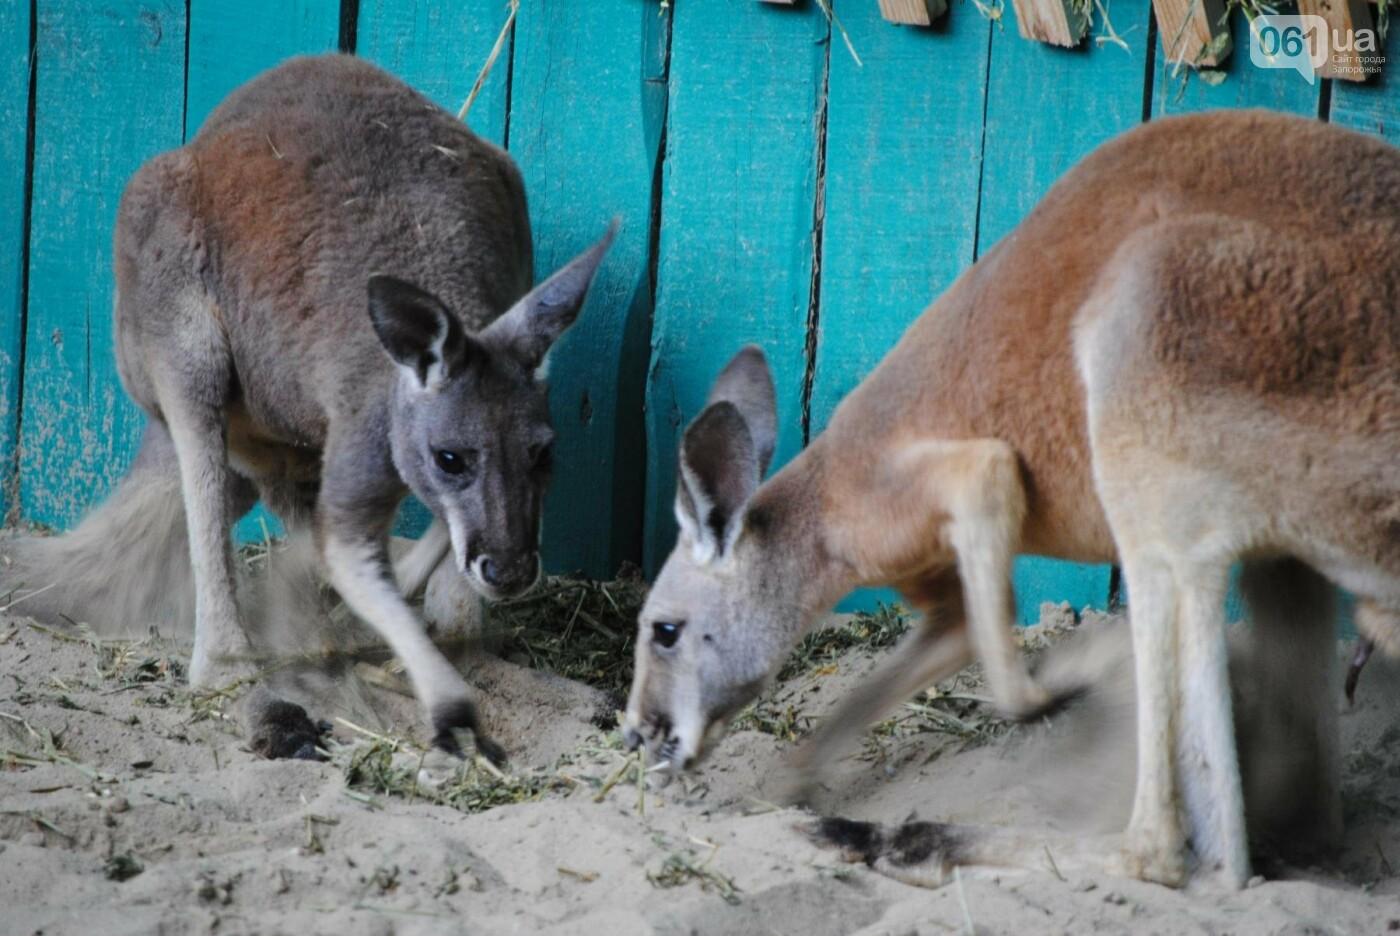 В бердянском зоопарке появились кенгуру: они любят хлеб и скоро станут ручными, - ФОТОРЕПОРТАЖ, фото-1